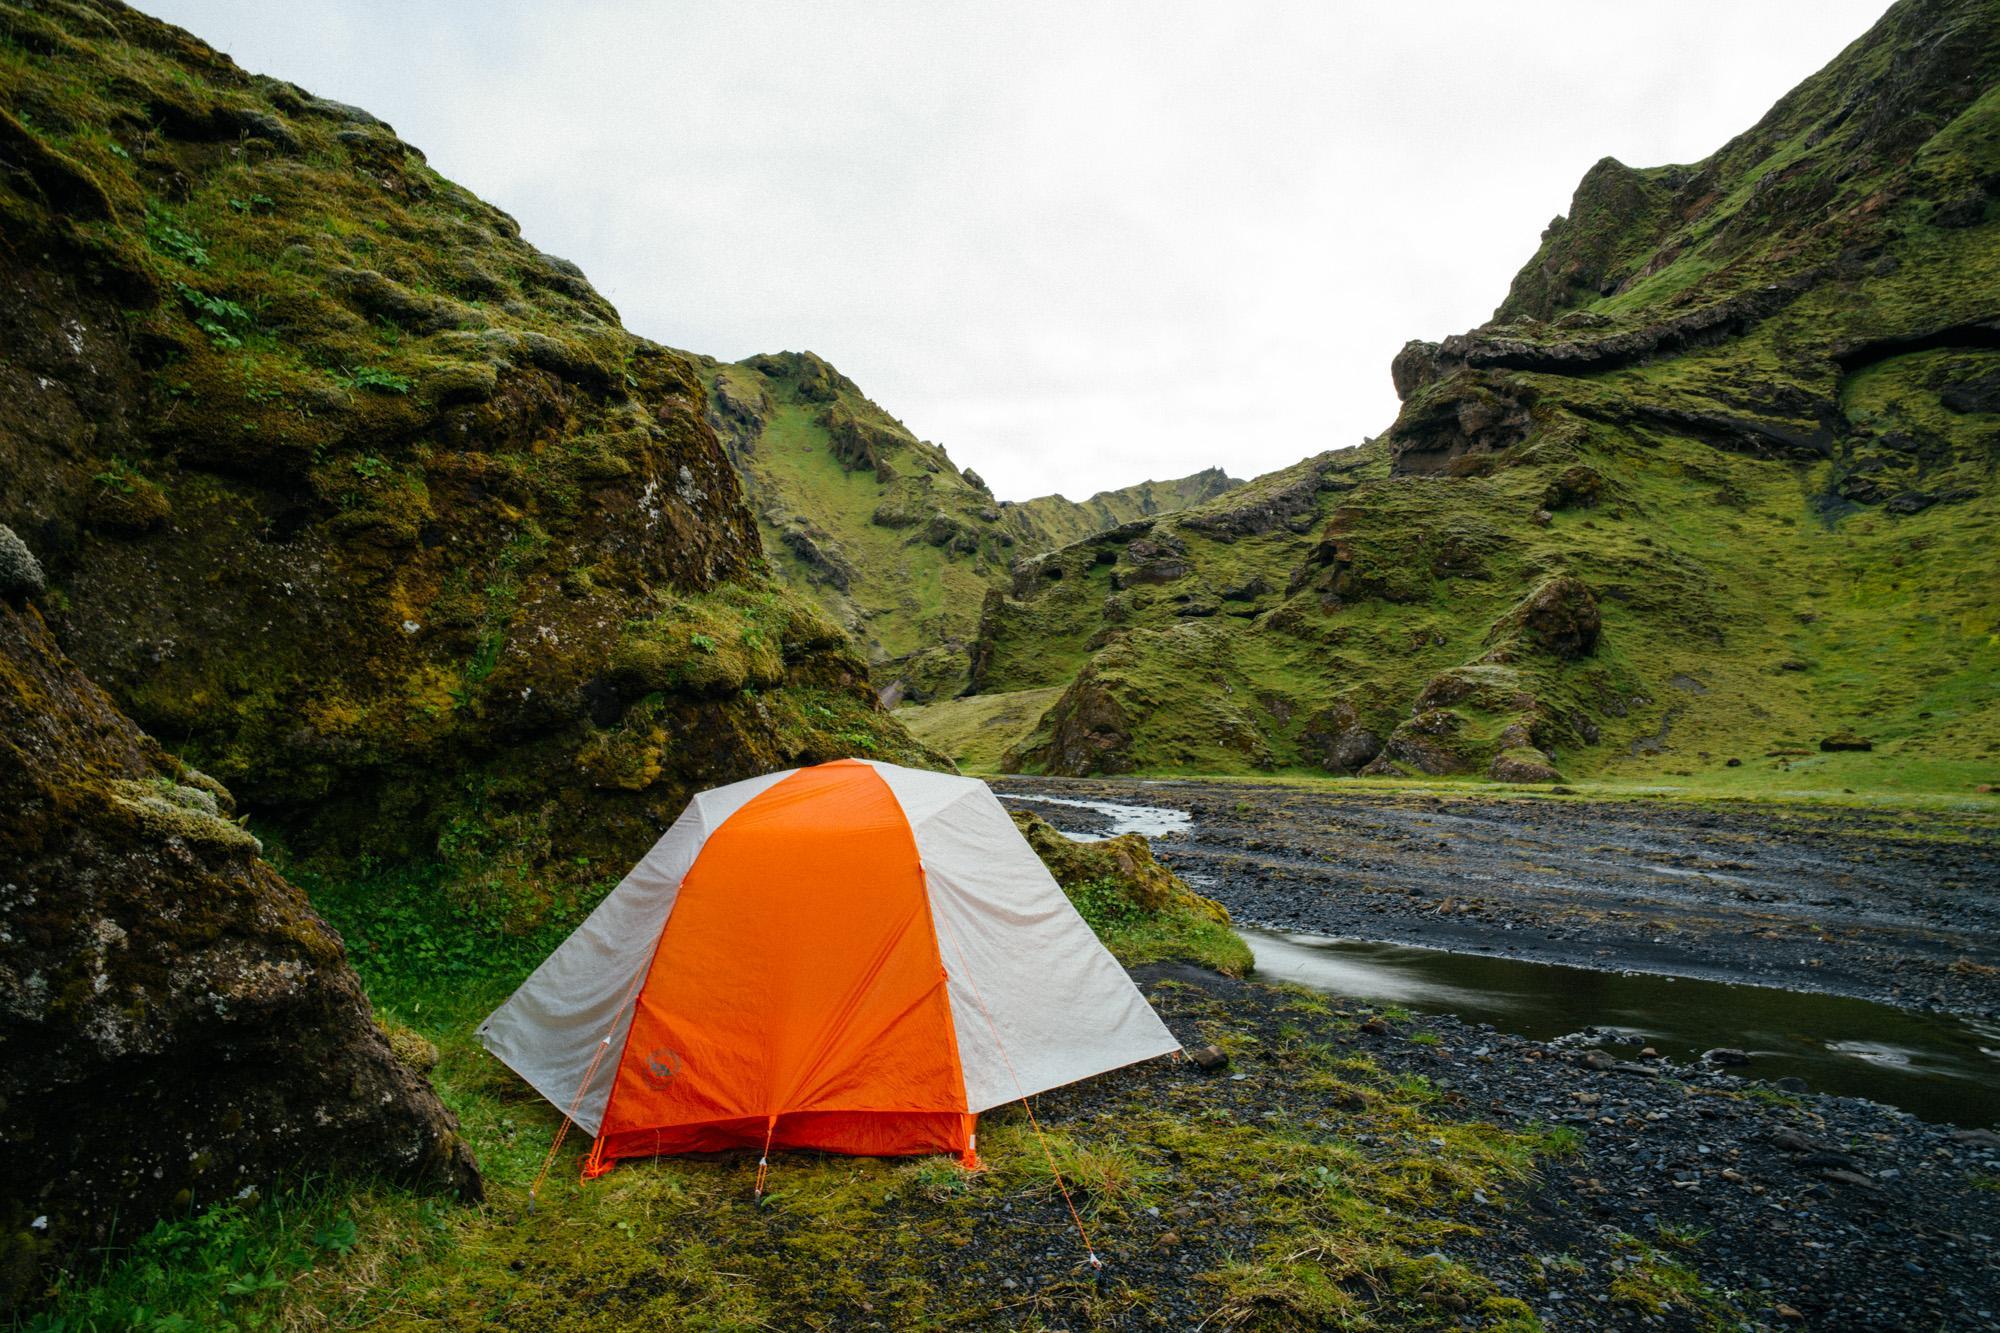 Camping at 2am.